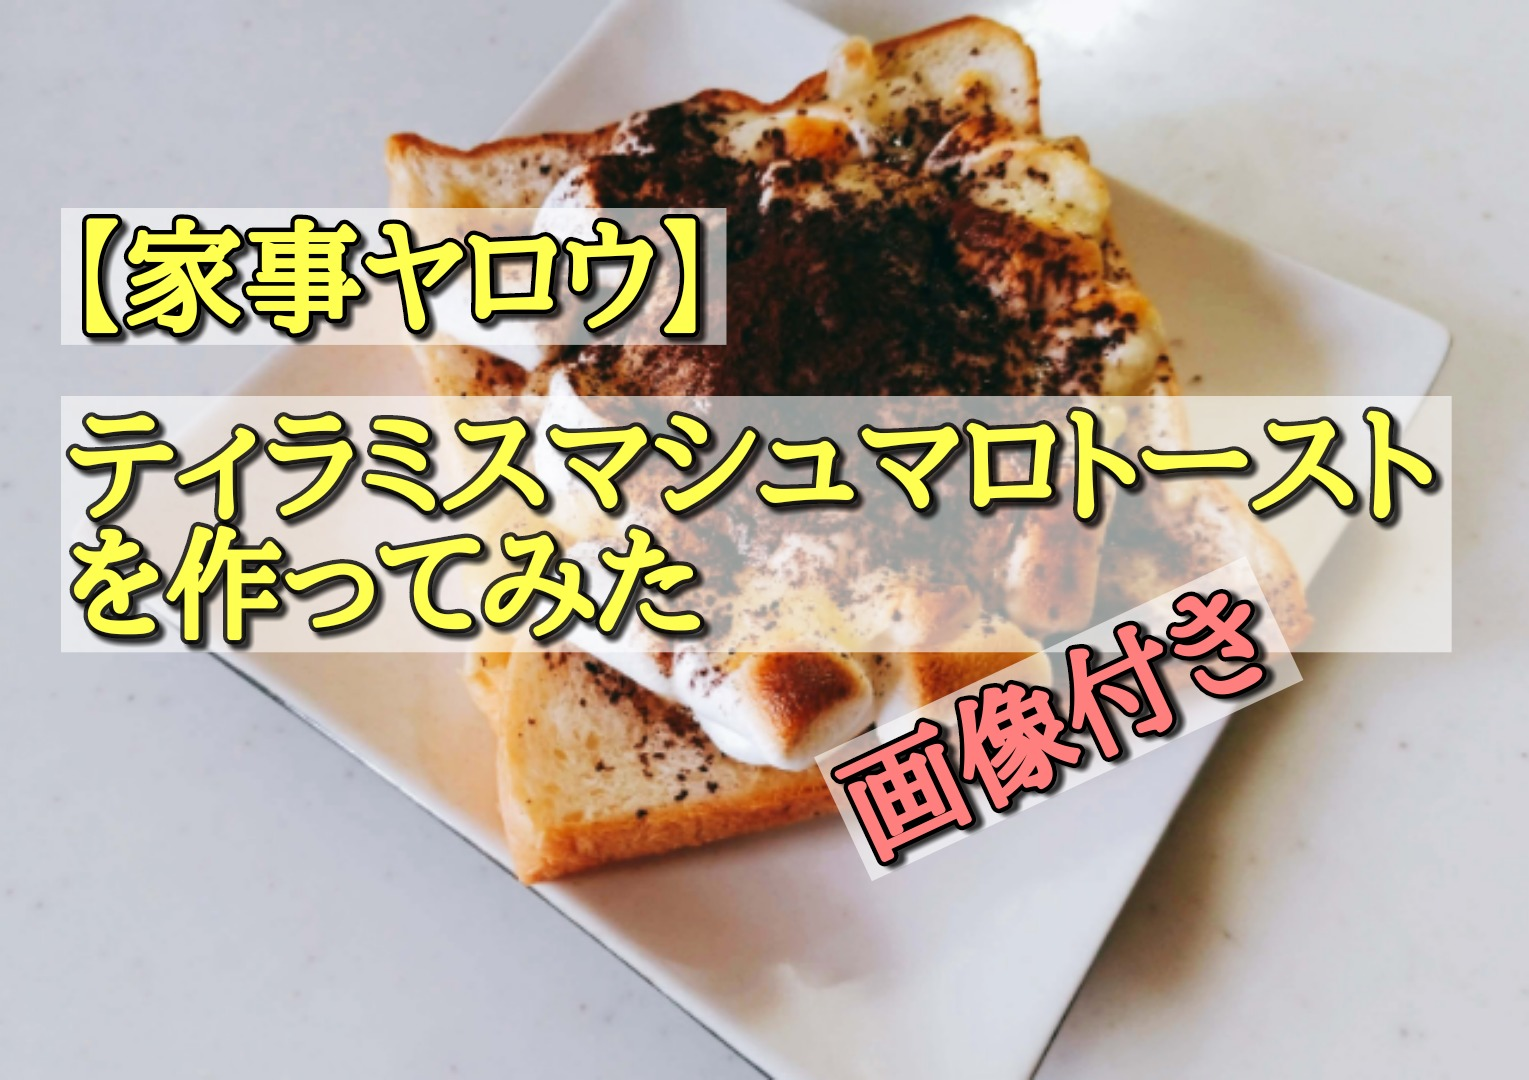 【家事ヤロウ】ティラミスマシュマロトーストを作ってみた(画像付き)